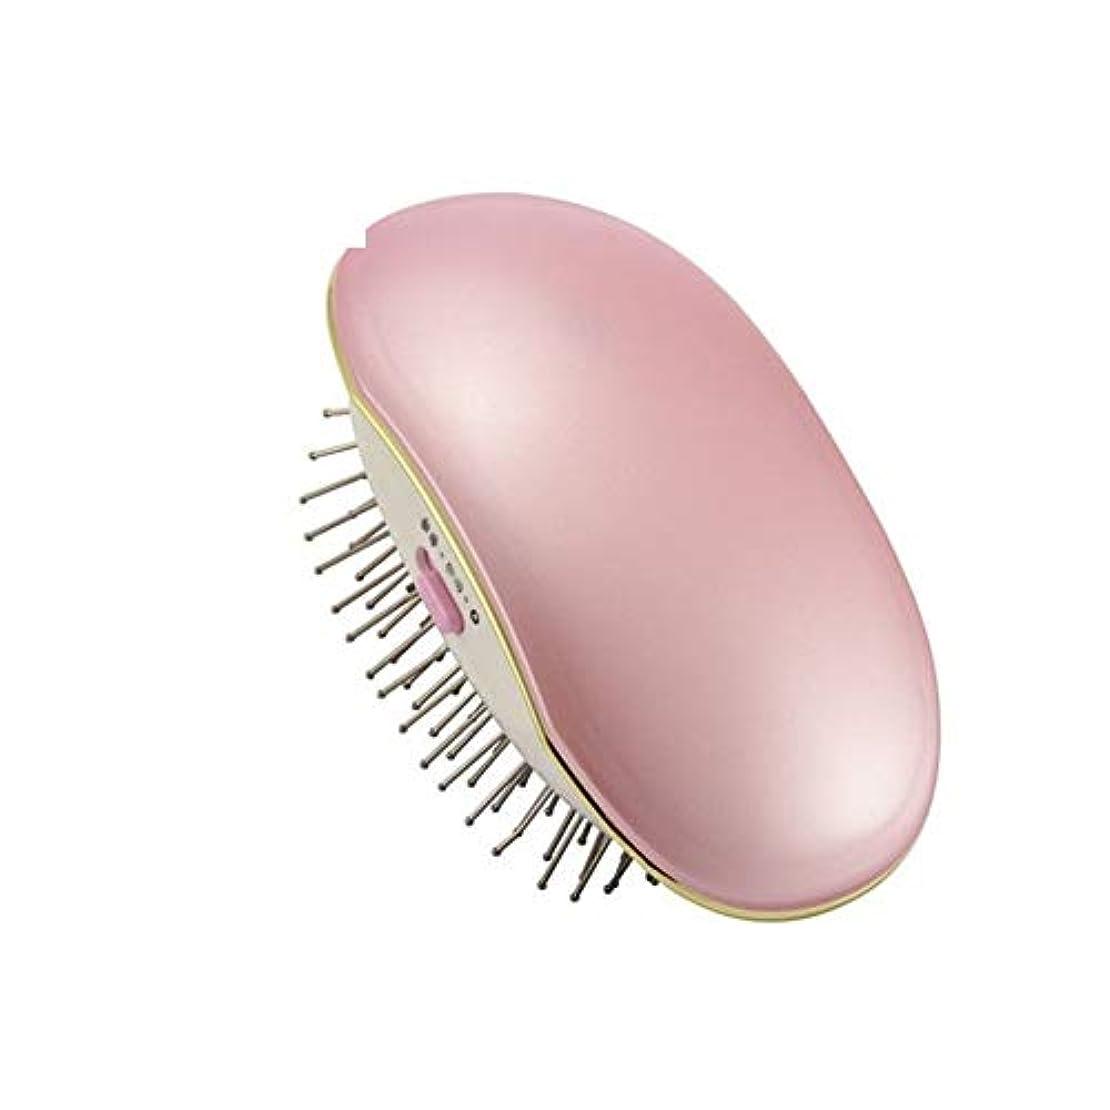 主張する印象的ユーモアポータブル電気イオンブラシ櫛イオン完璧な矯正スタイラーアイロンブラシケア矯正電気アイロンブラシ huang (Color : Pink)